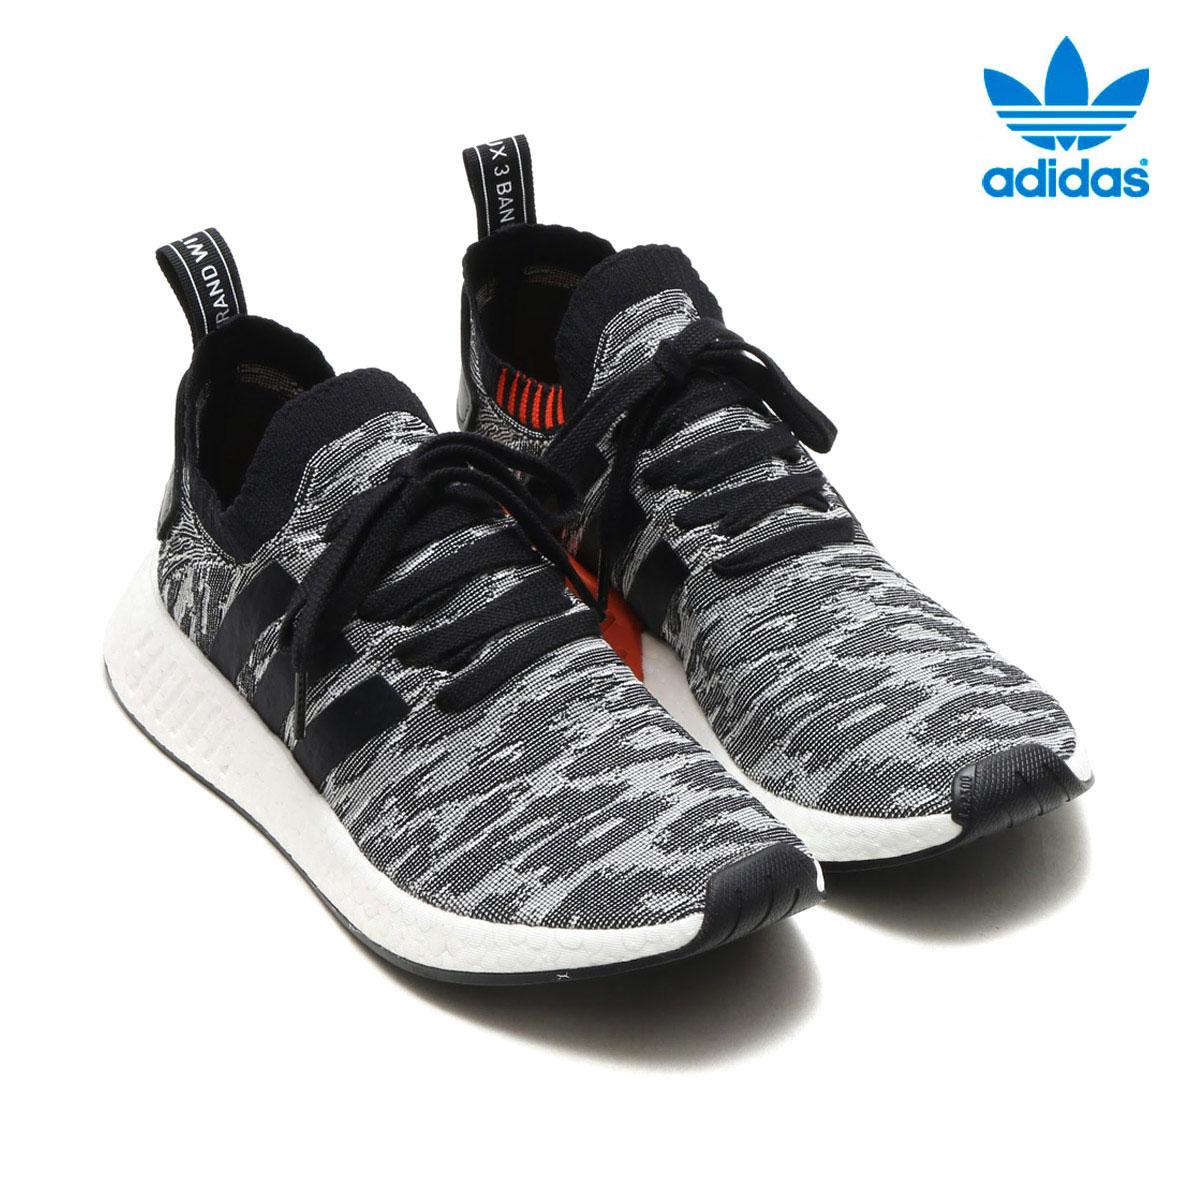 detailing cca2a 5a32f adidas Originals NMD R2 PK (Adidas originals nomad) (CORE BLACKCORE BLACK)  17FW-I